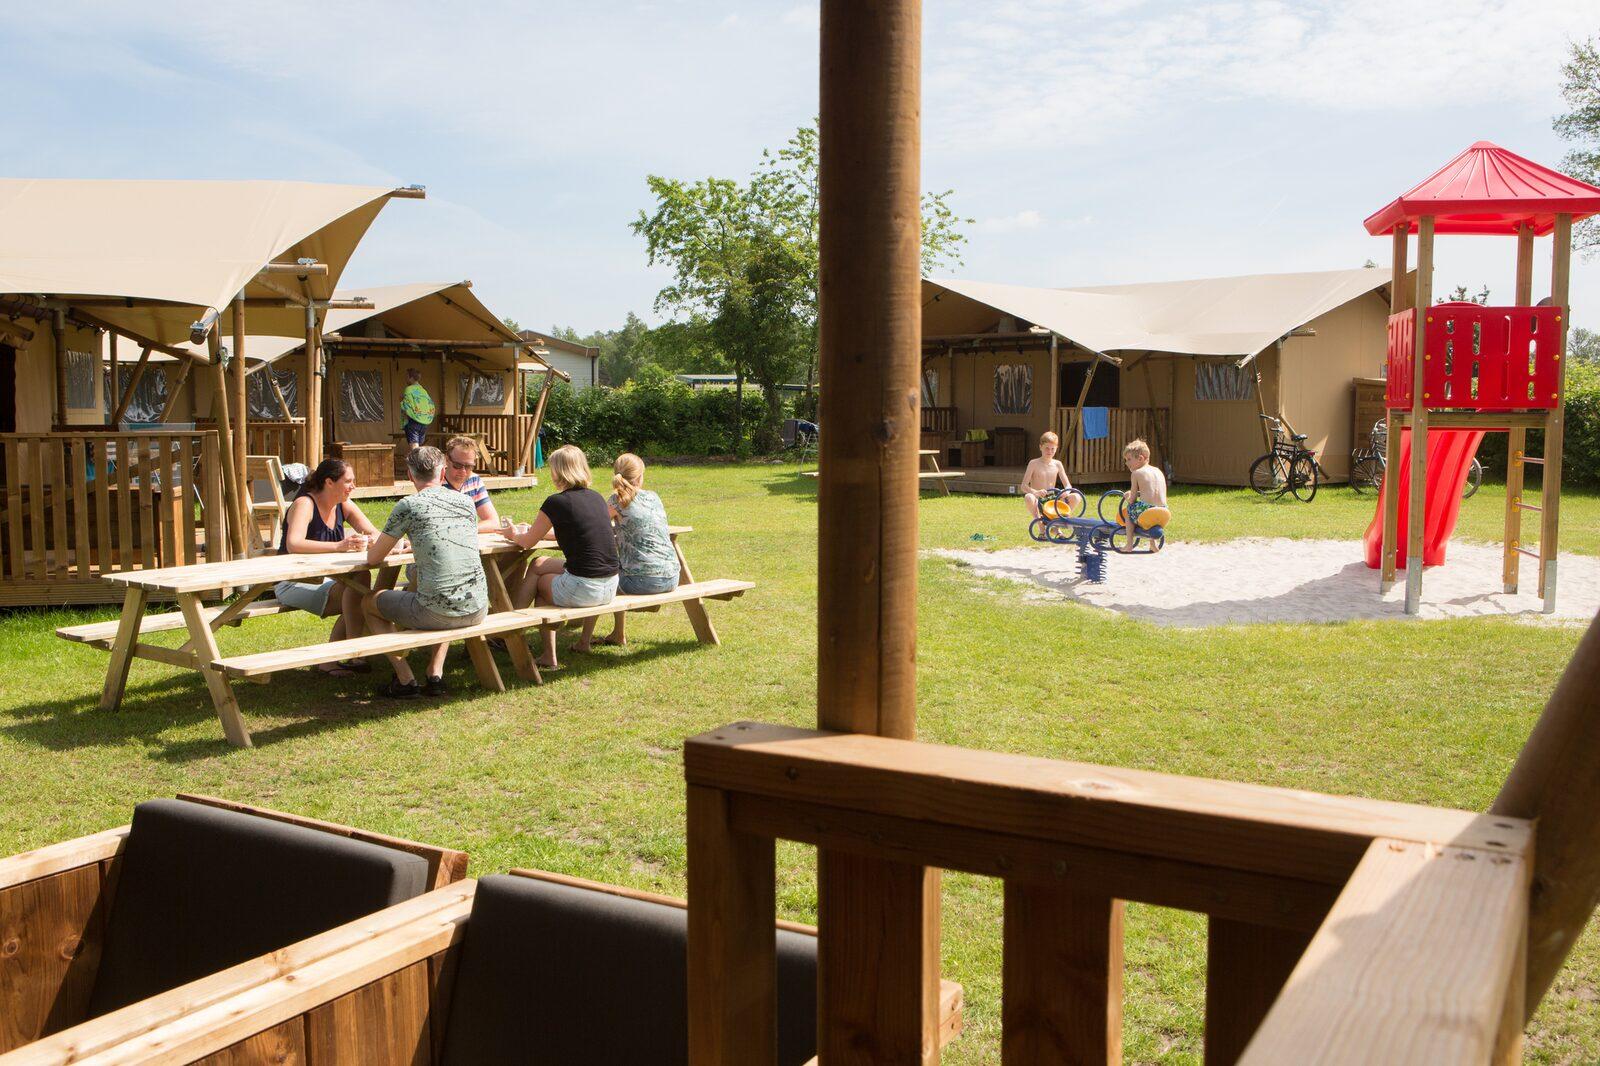 Safaritent de luxe - Camping 't Veld